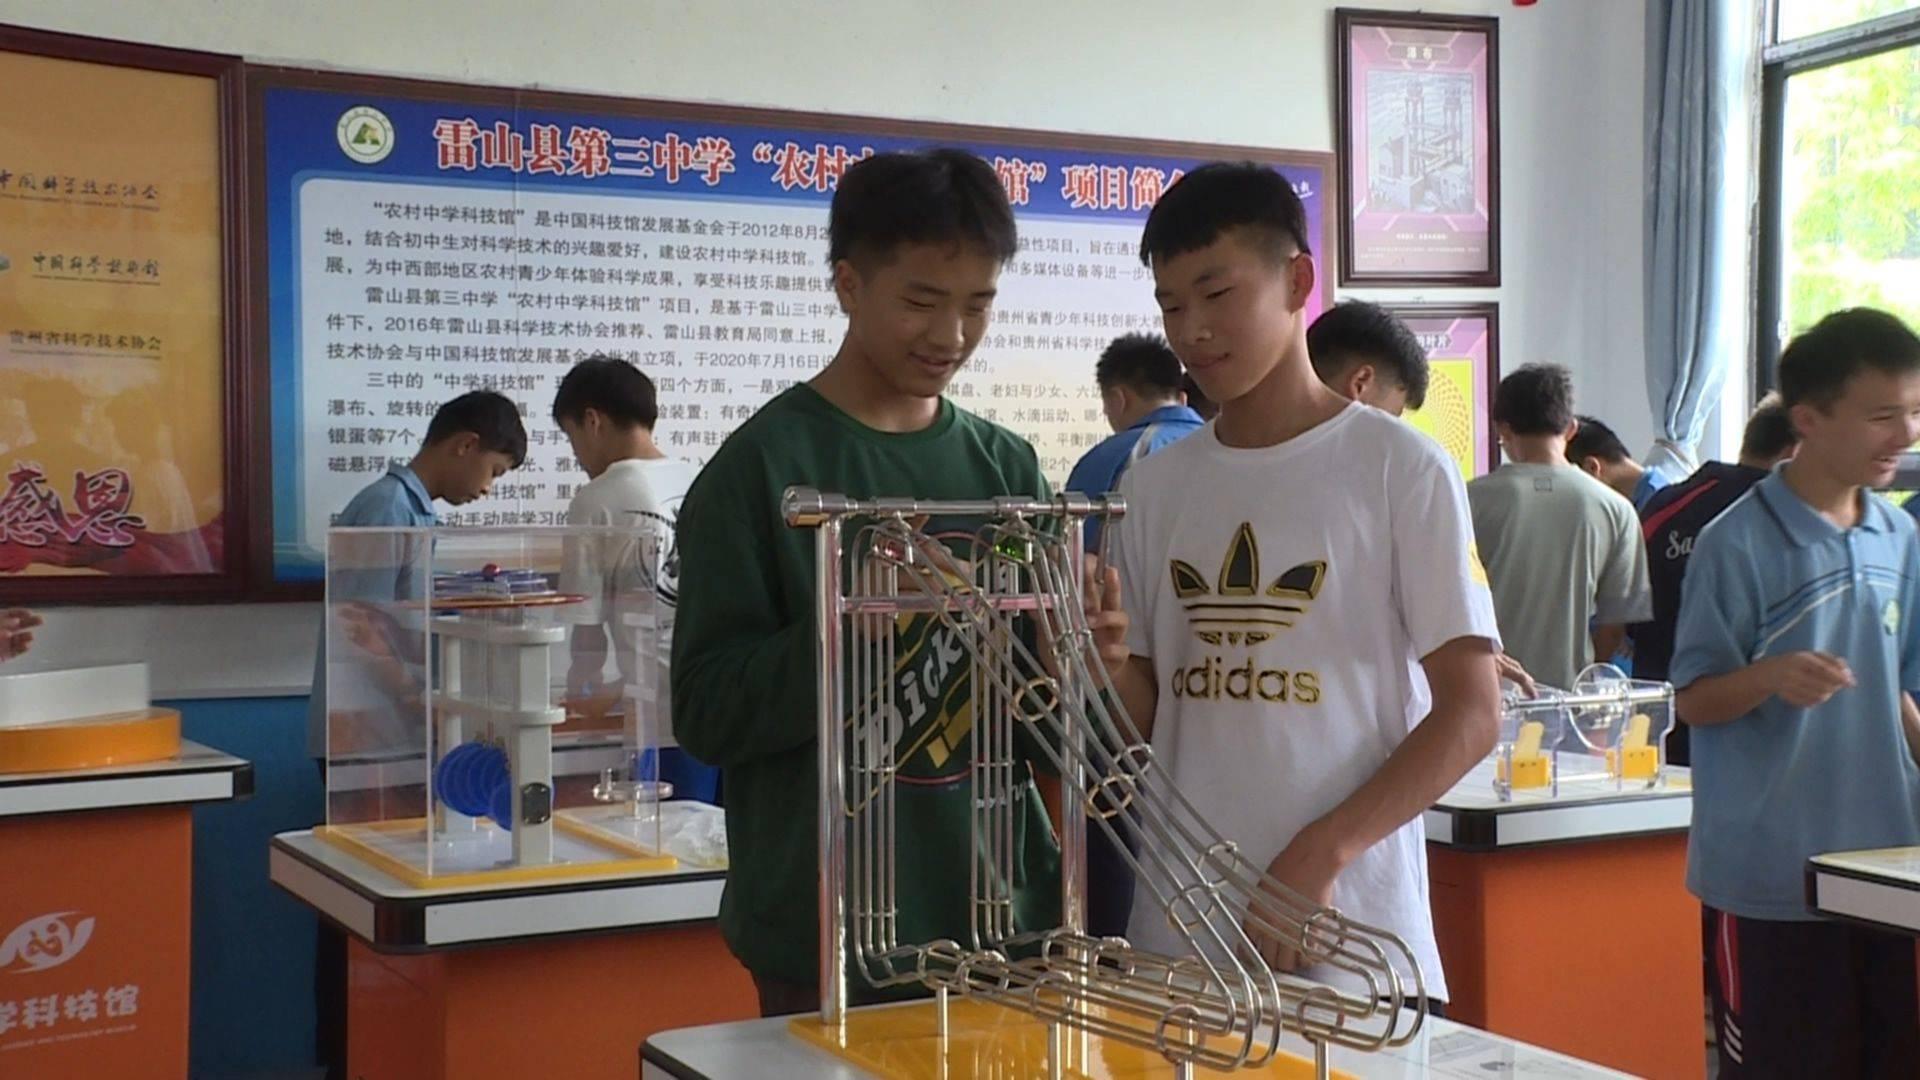 雷山:科普大篷车进校园,点燃学生科学梦